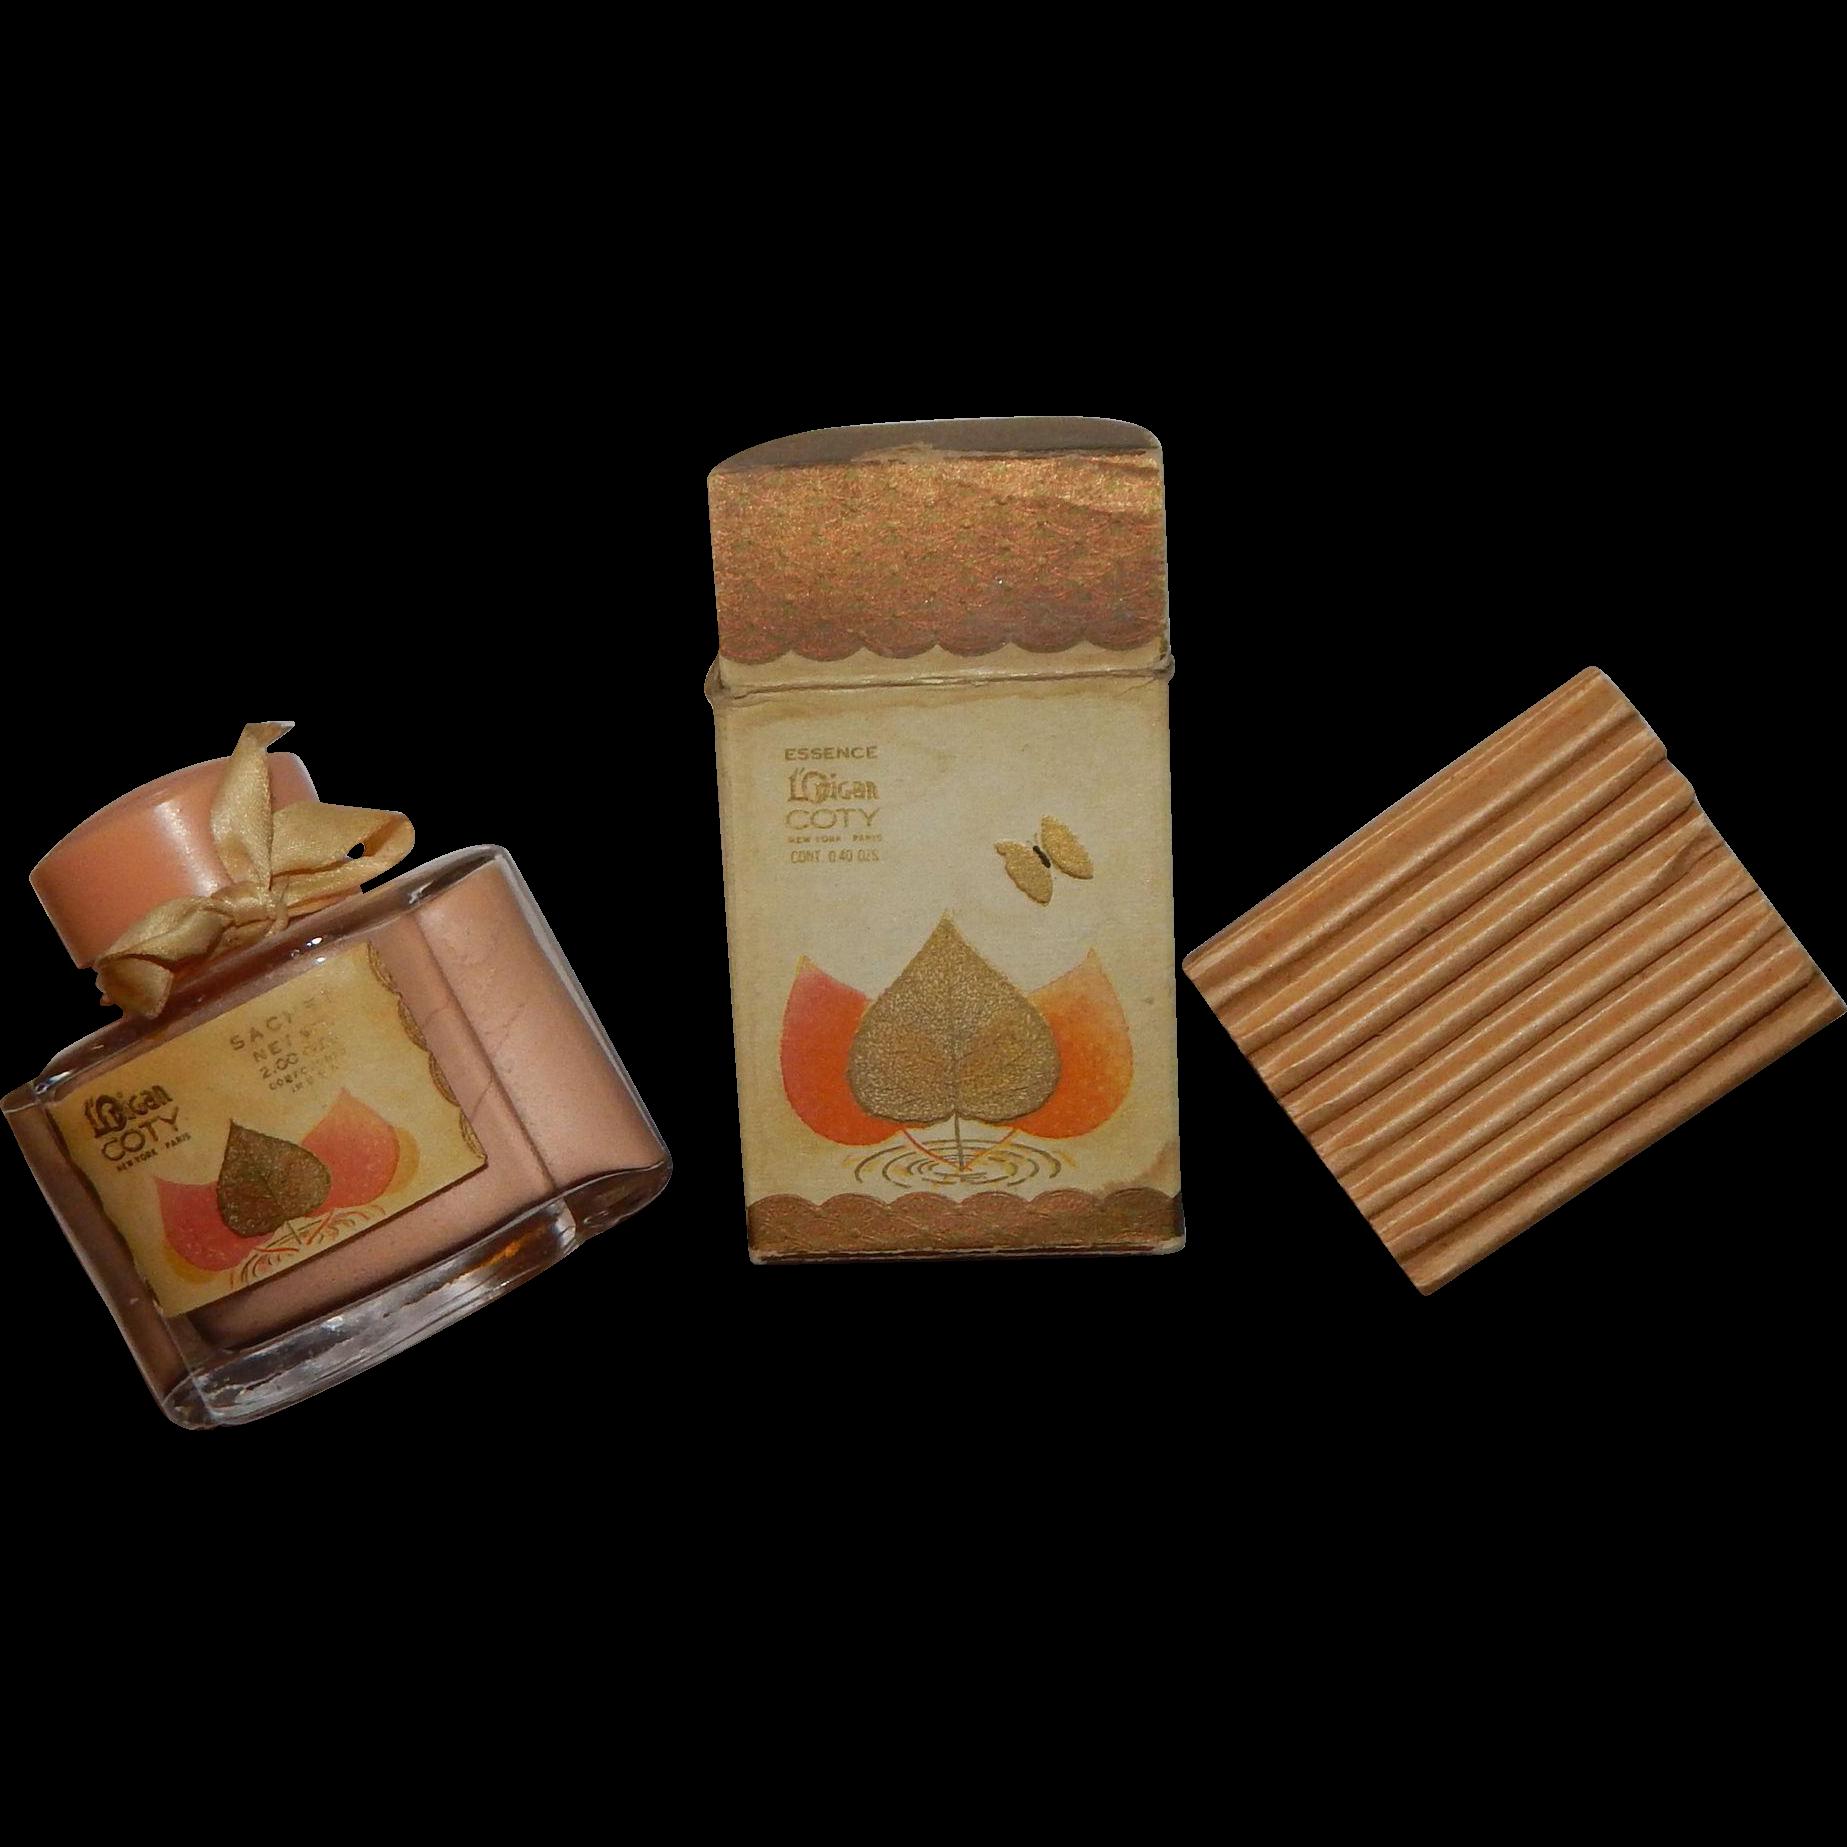 Vintage 1920 1930 L'Origan Coty Sachet Perfume Cologne Commercial Bottle Box